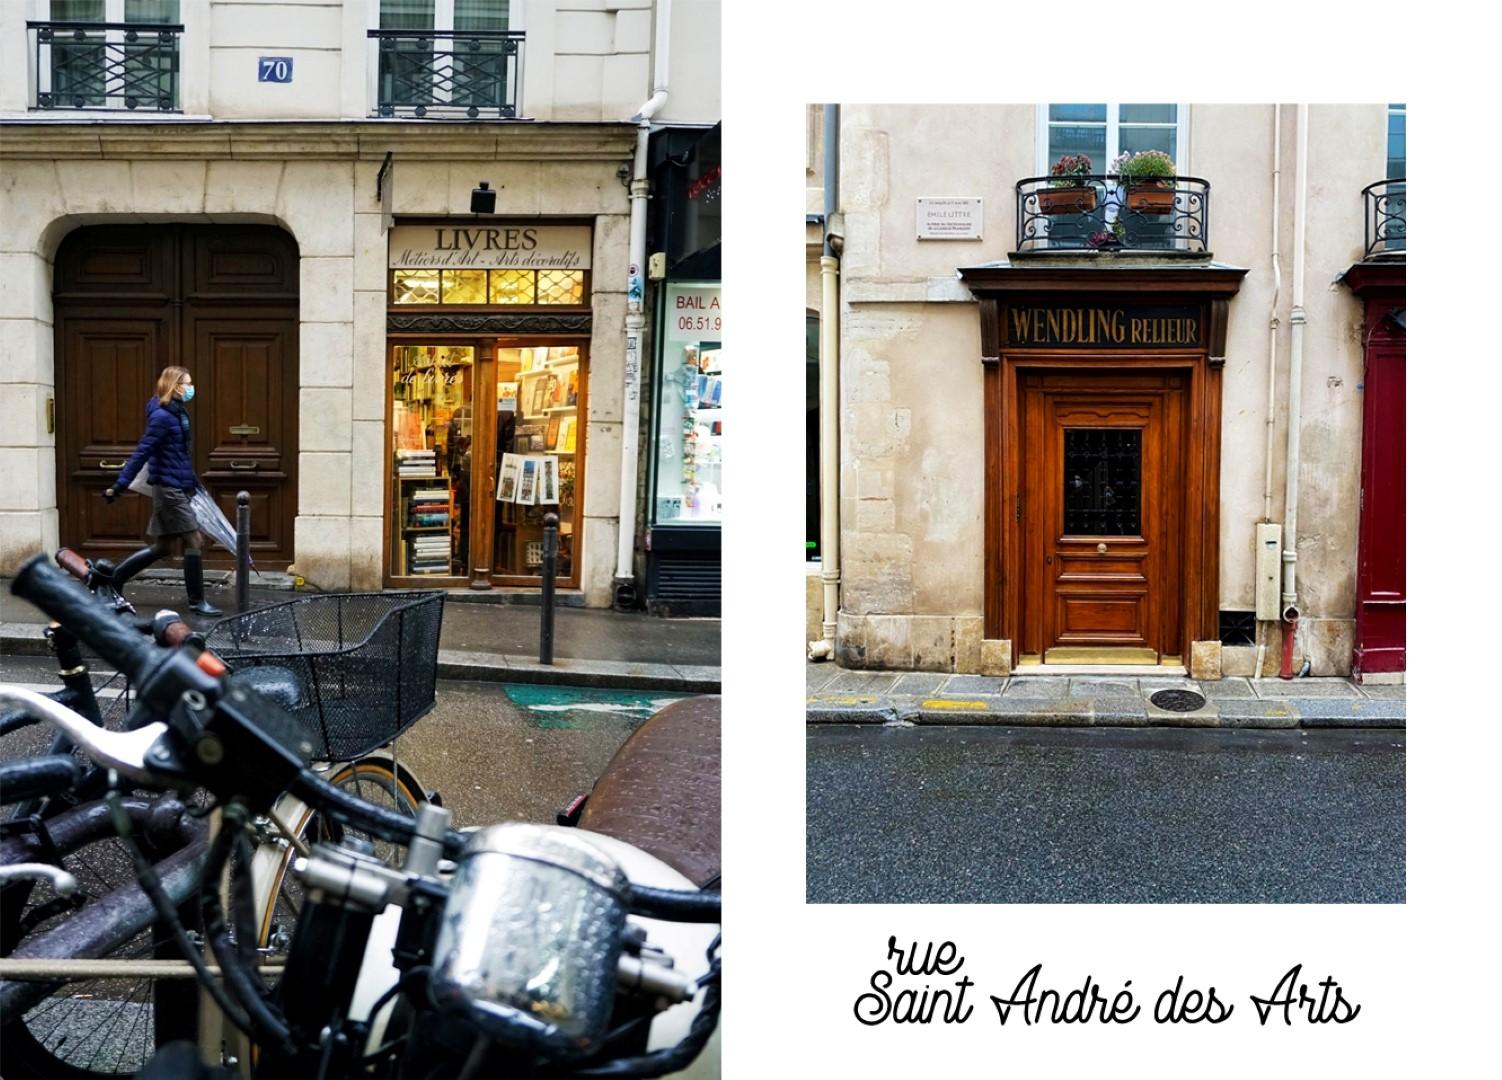 Balade dans les 6e et 7e arrondissements, en attendant Noël - Rue Saint André des Arts